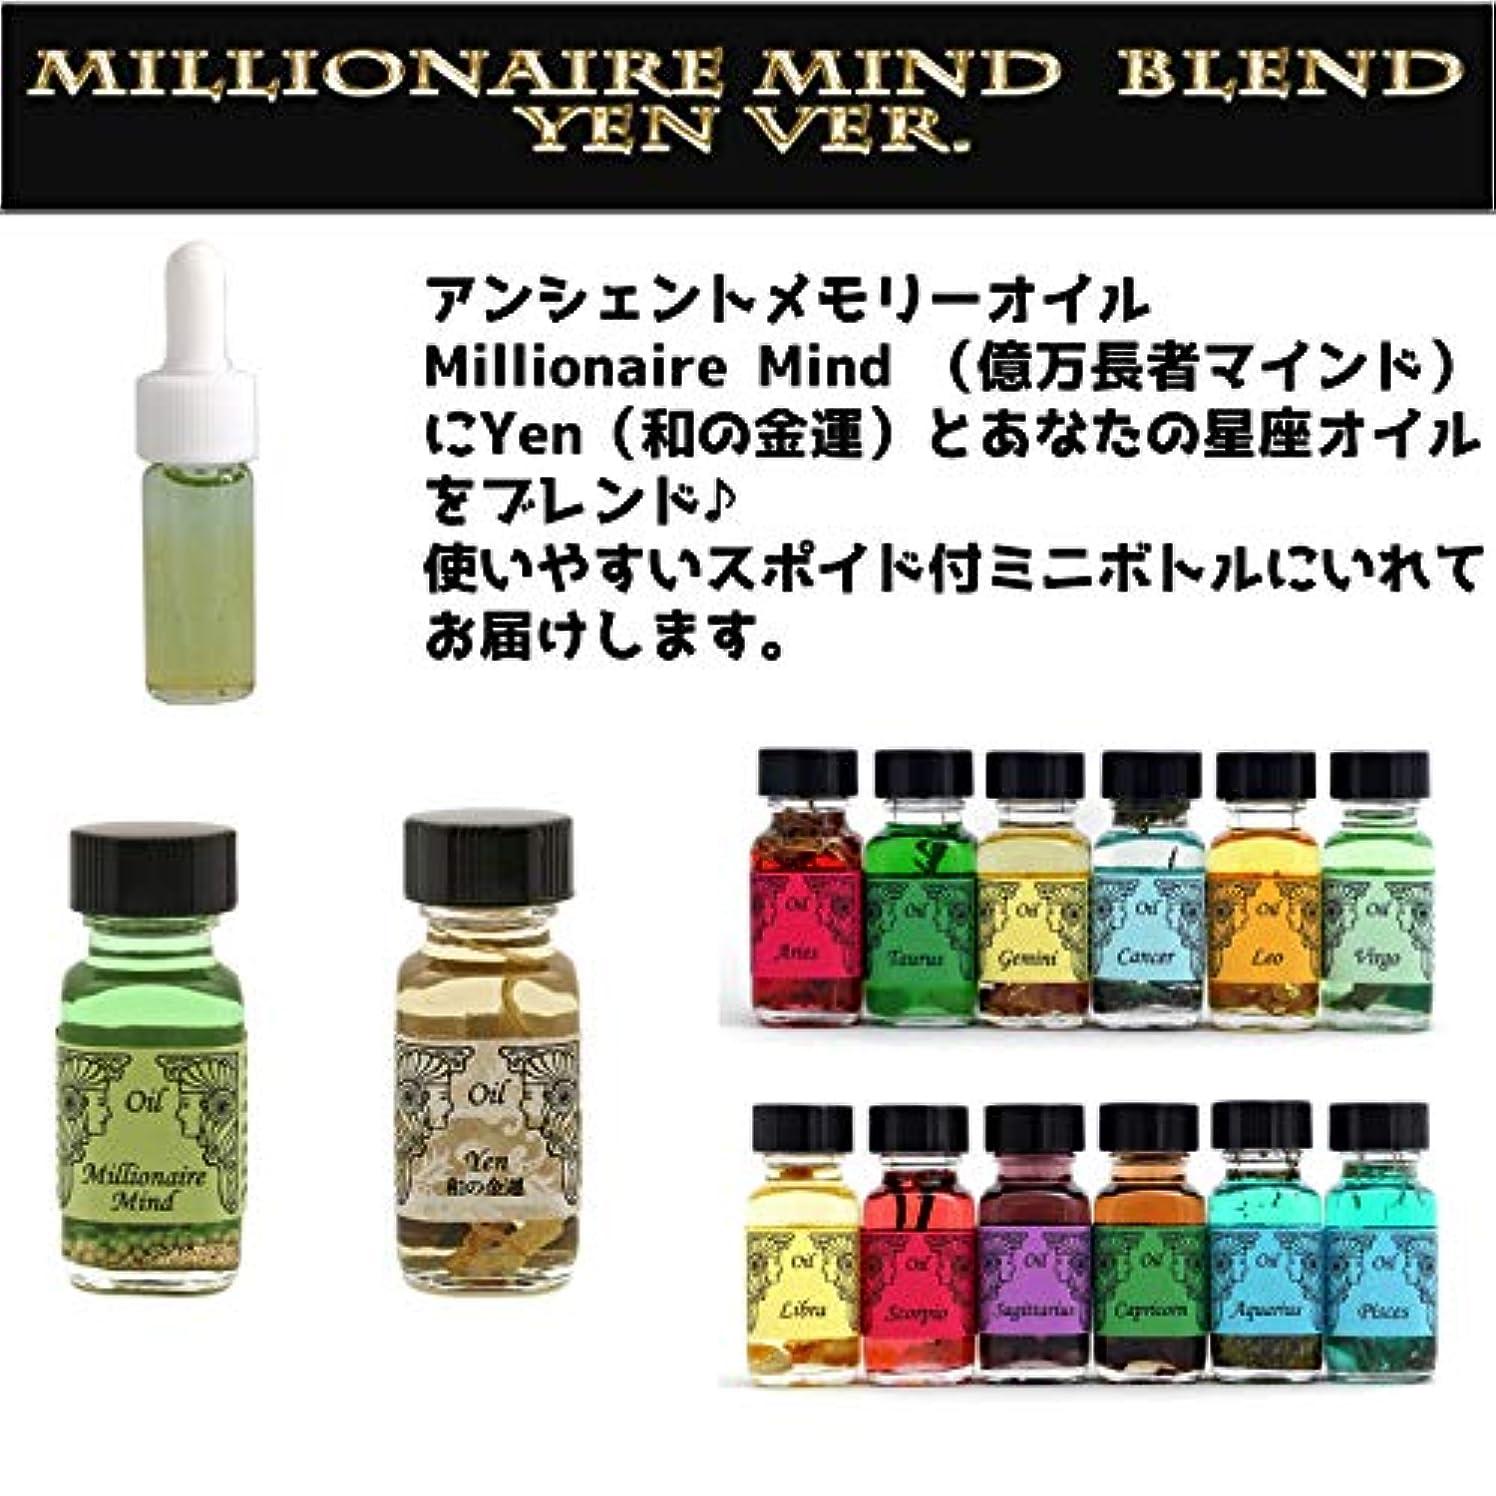 時させる落胆したアンシェントメモリーオイル Millionaire Mind 億万長者マインド ブレンド【Yen 和の金運&ふたご座】